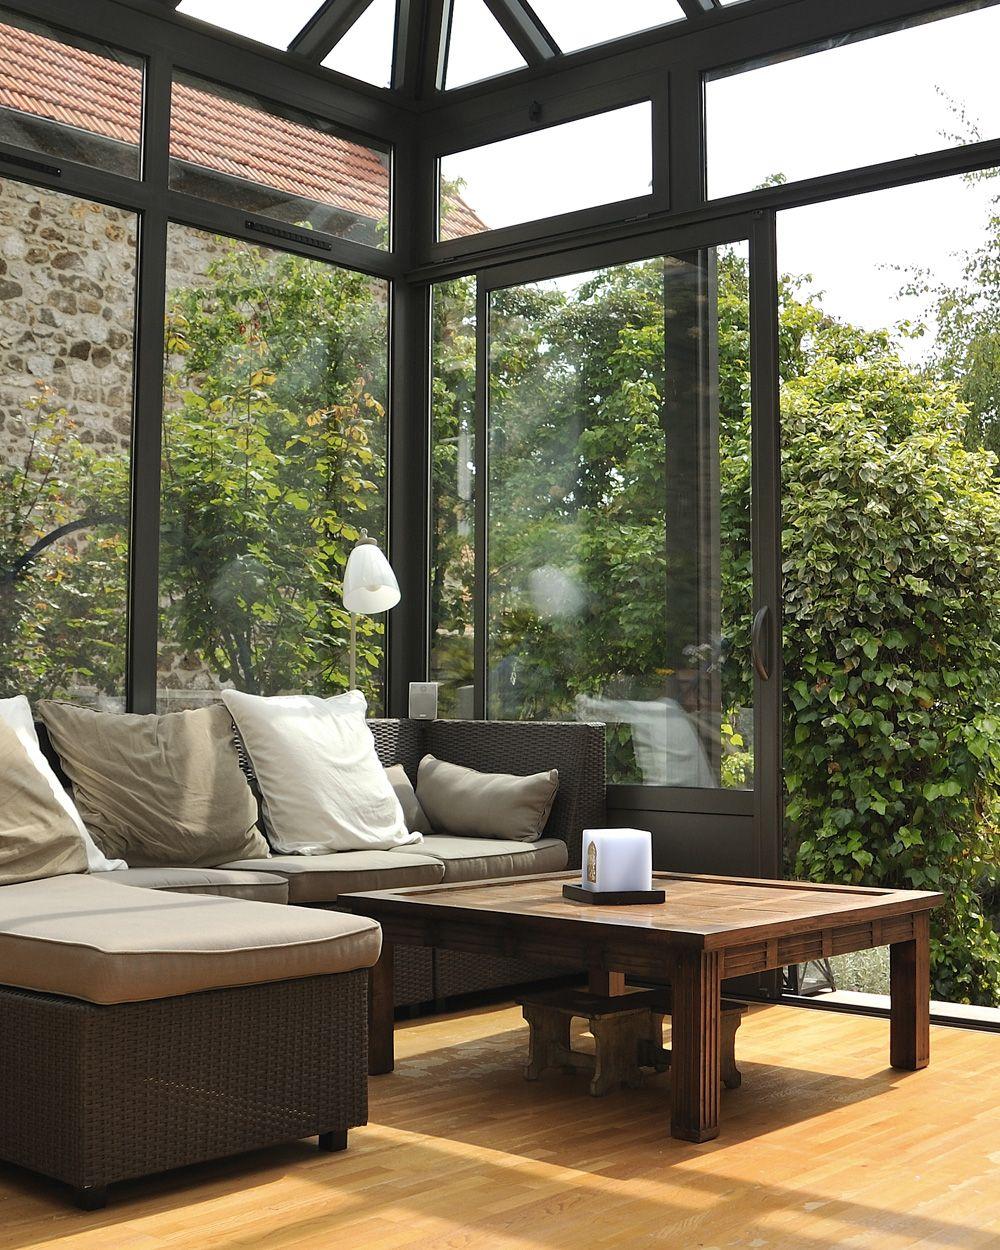 Une pièce en plus dans votre maison avec une véranda | Veranda alu, Maison et Veranda